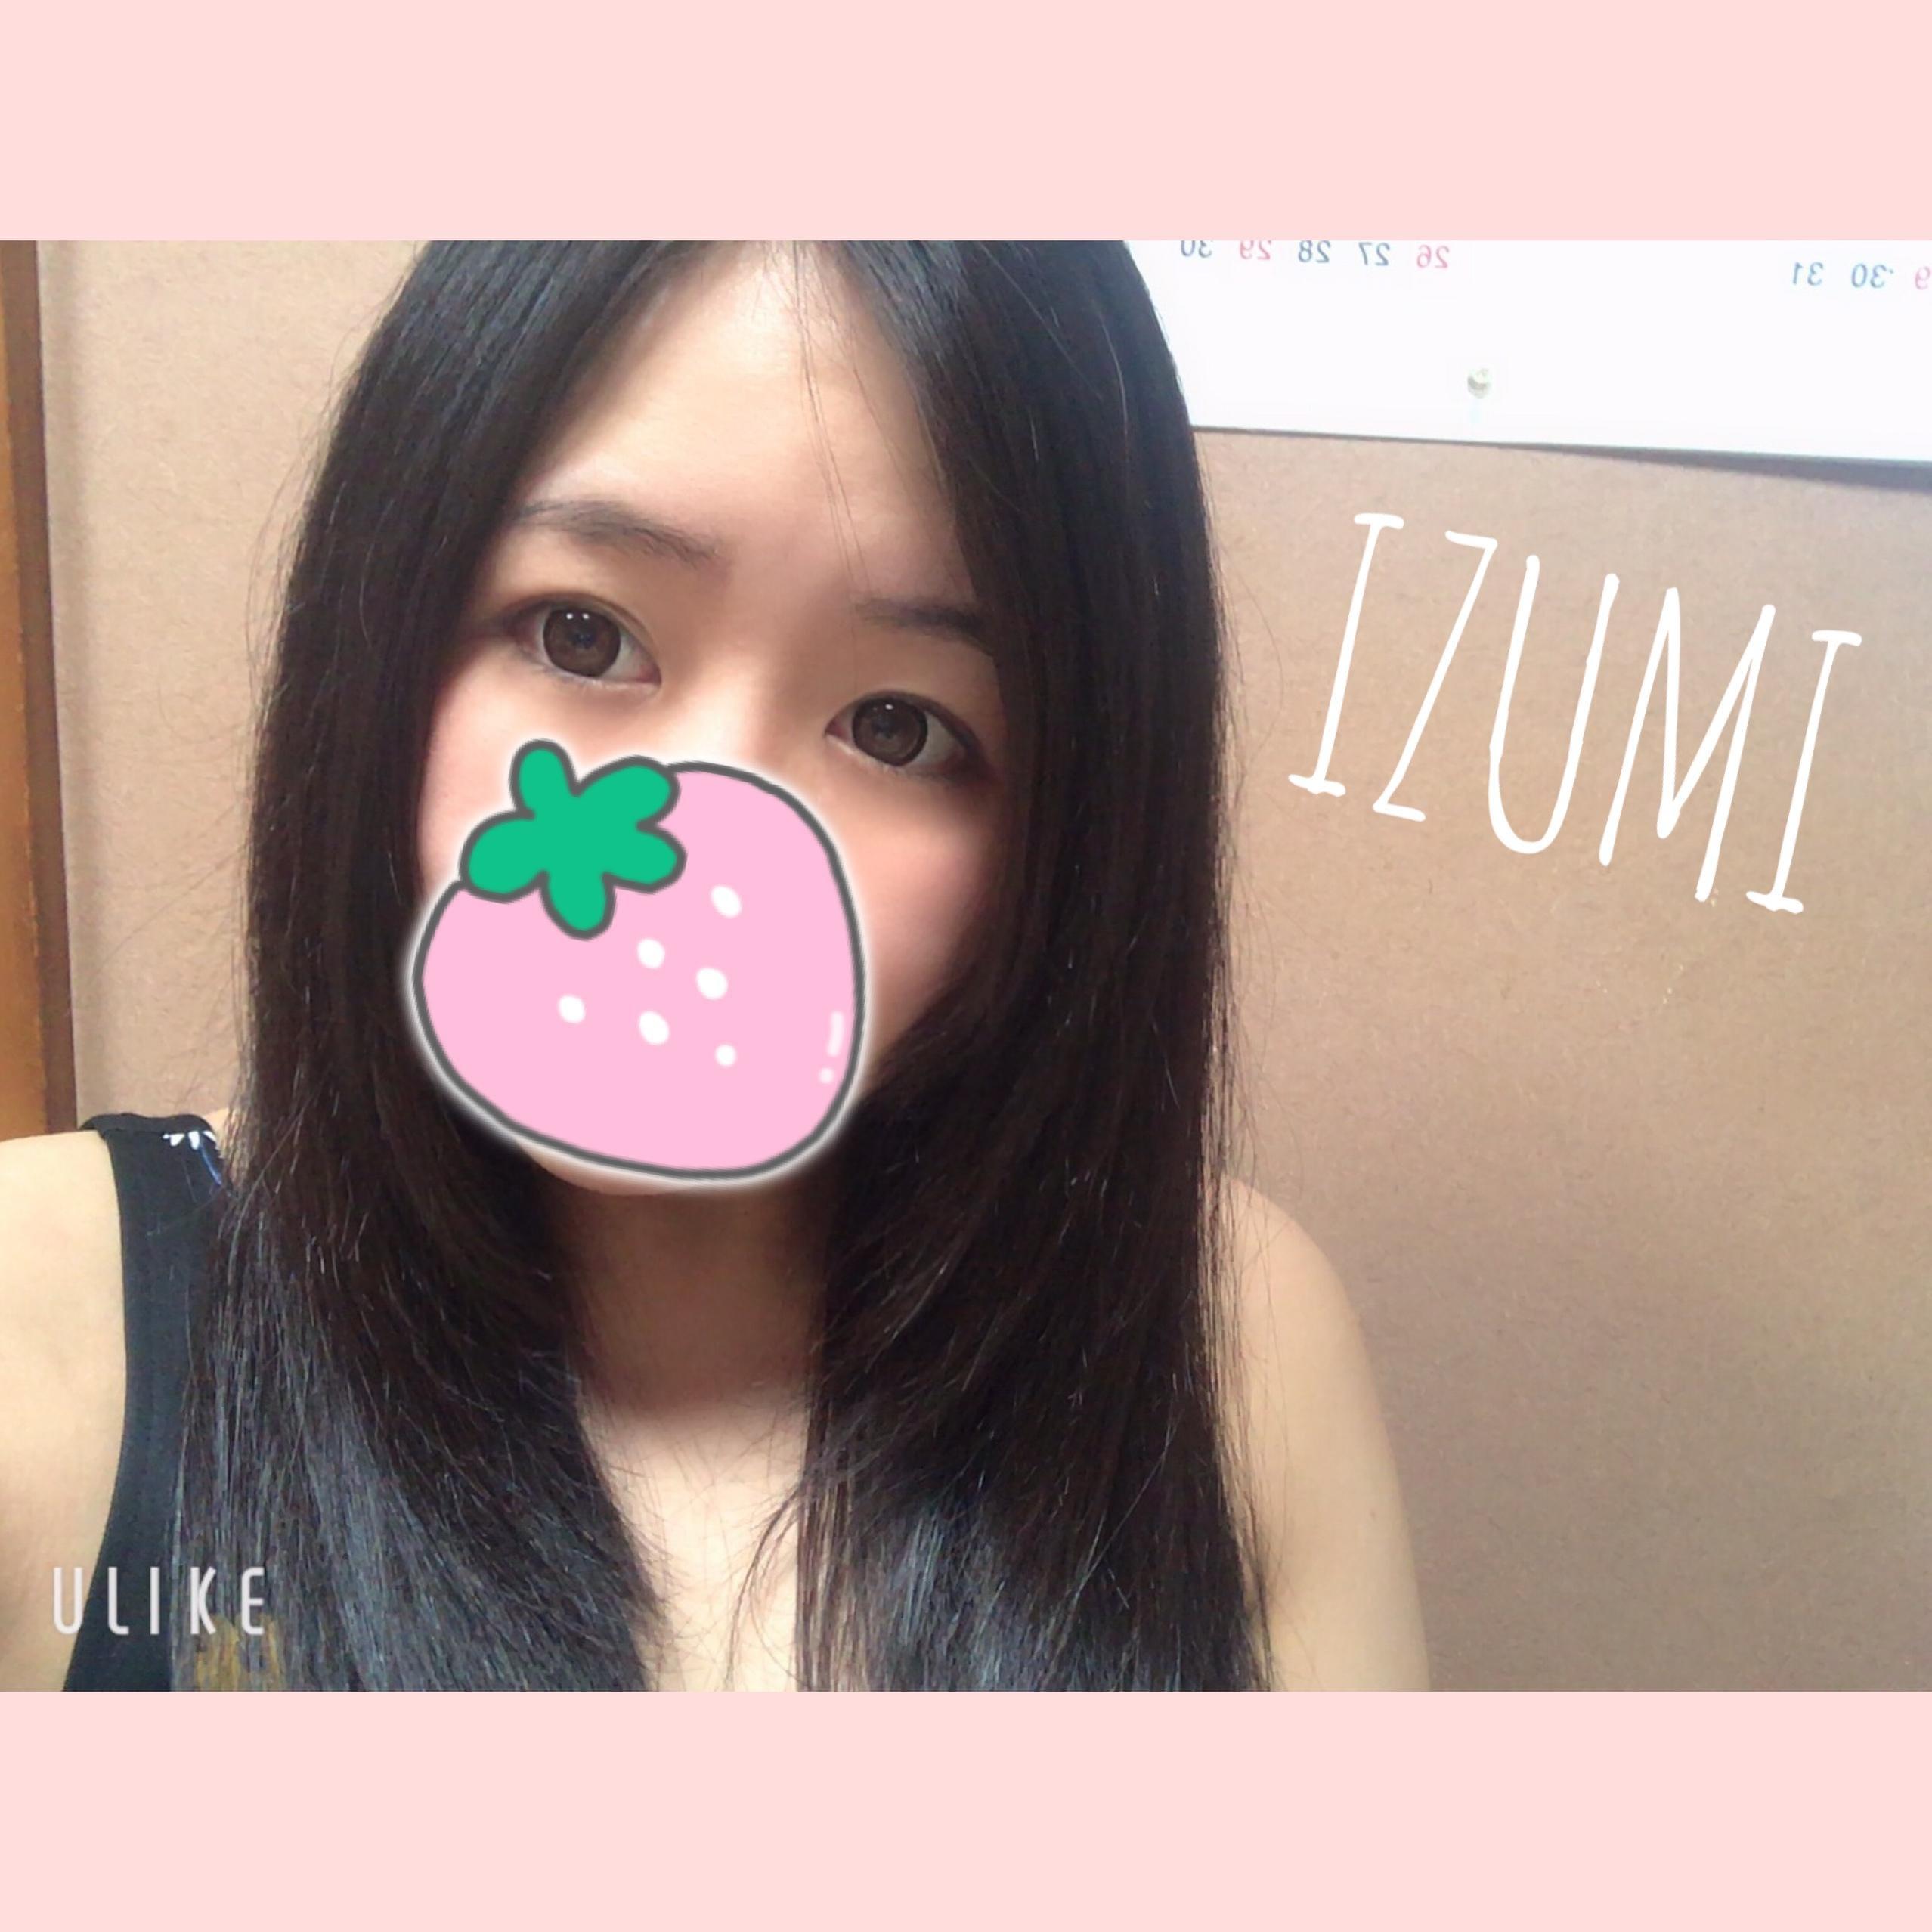 「*おはようございます*」06/07(日) 10:04 | いずみの写メ・風俗動画